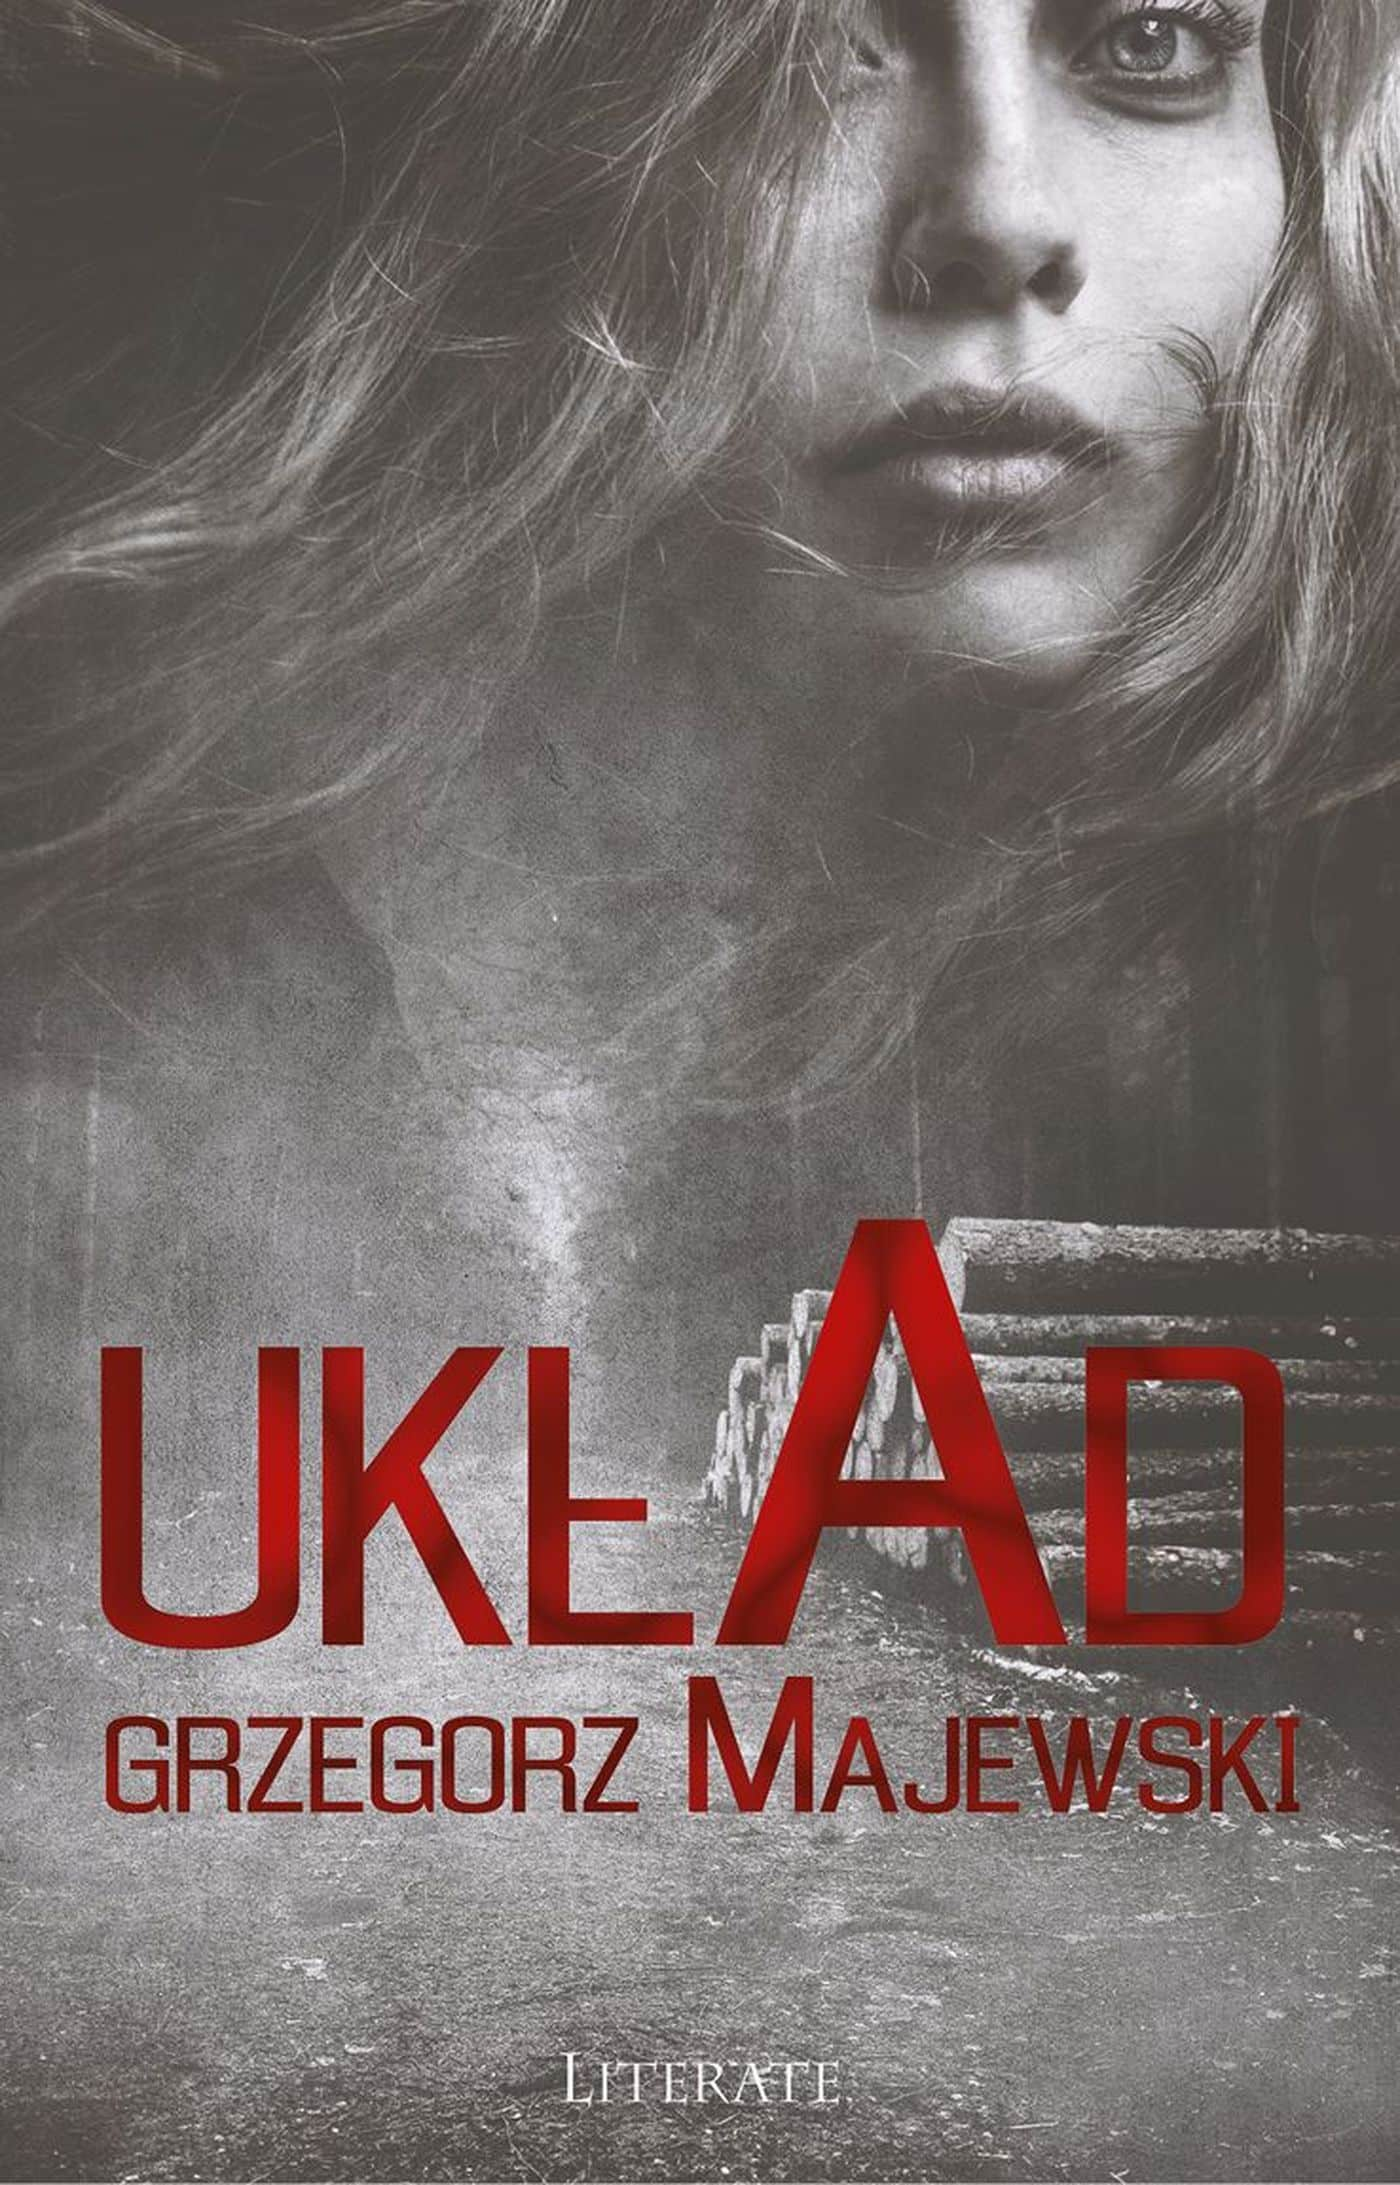 Układ - Grzegorz Majewski